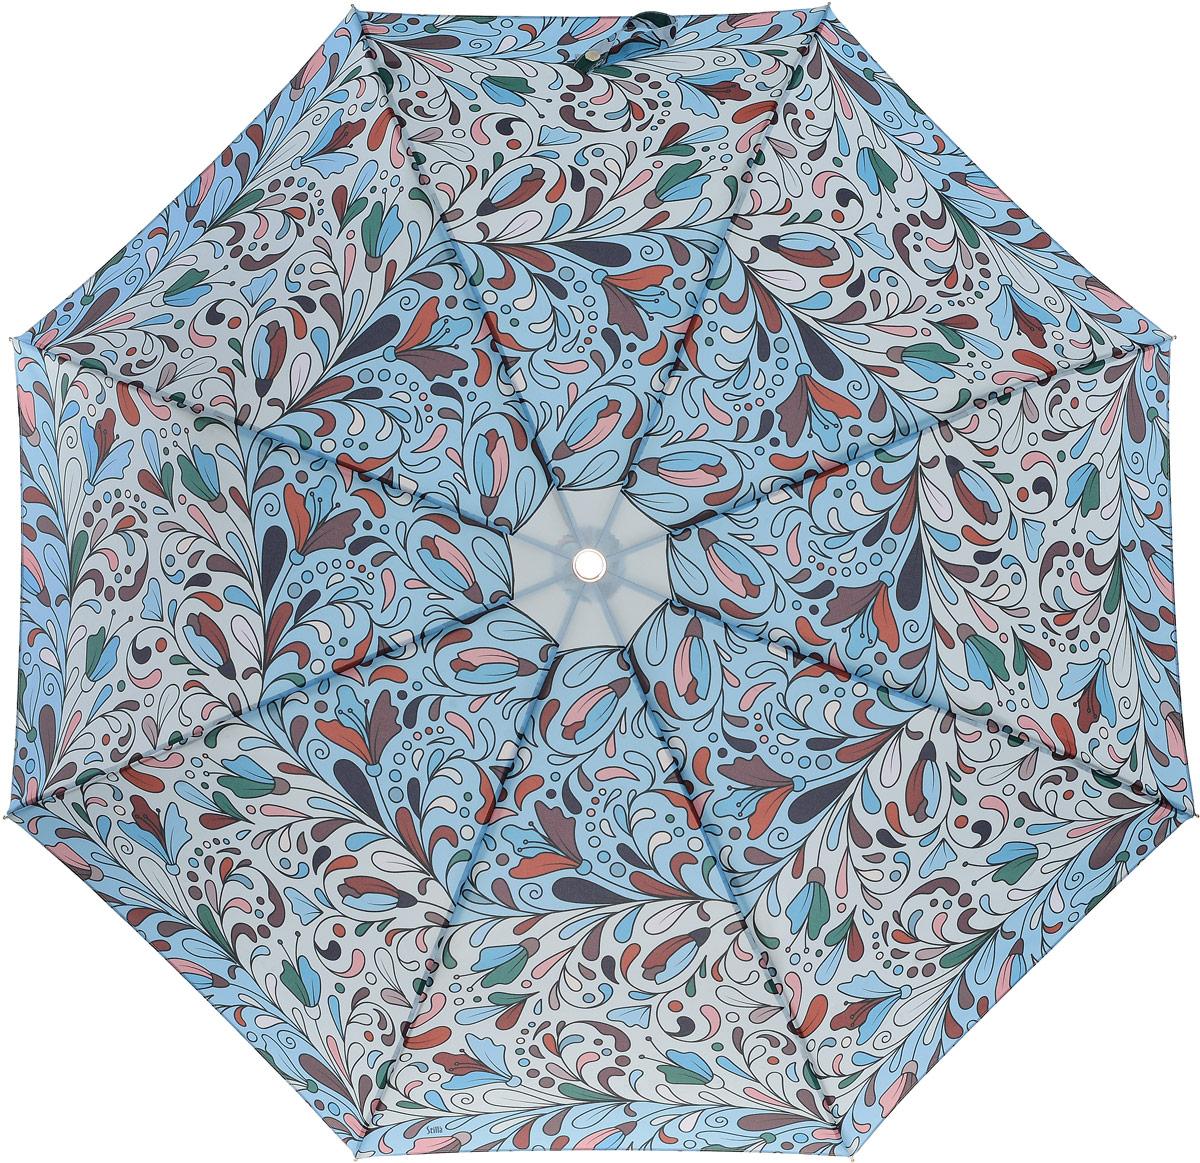 Зонт женский Stilla, цвет: синий. 772/3 miniКолье (короткие одноярусные бусы)Облегченный женский зонтик. Конструкция 3 сложения, полный автомат, облегченная конструкция (вес - 320 гр), система антиветер. Ткань - полиэстер. Диаметр купола - 112 см по верхней части, 101 см по нижней. Длина в сложенном состоянии - 27 см.